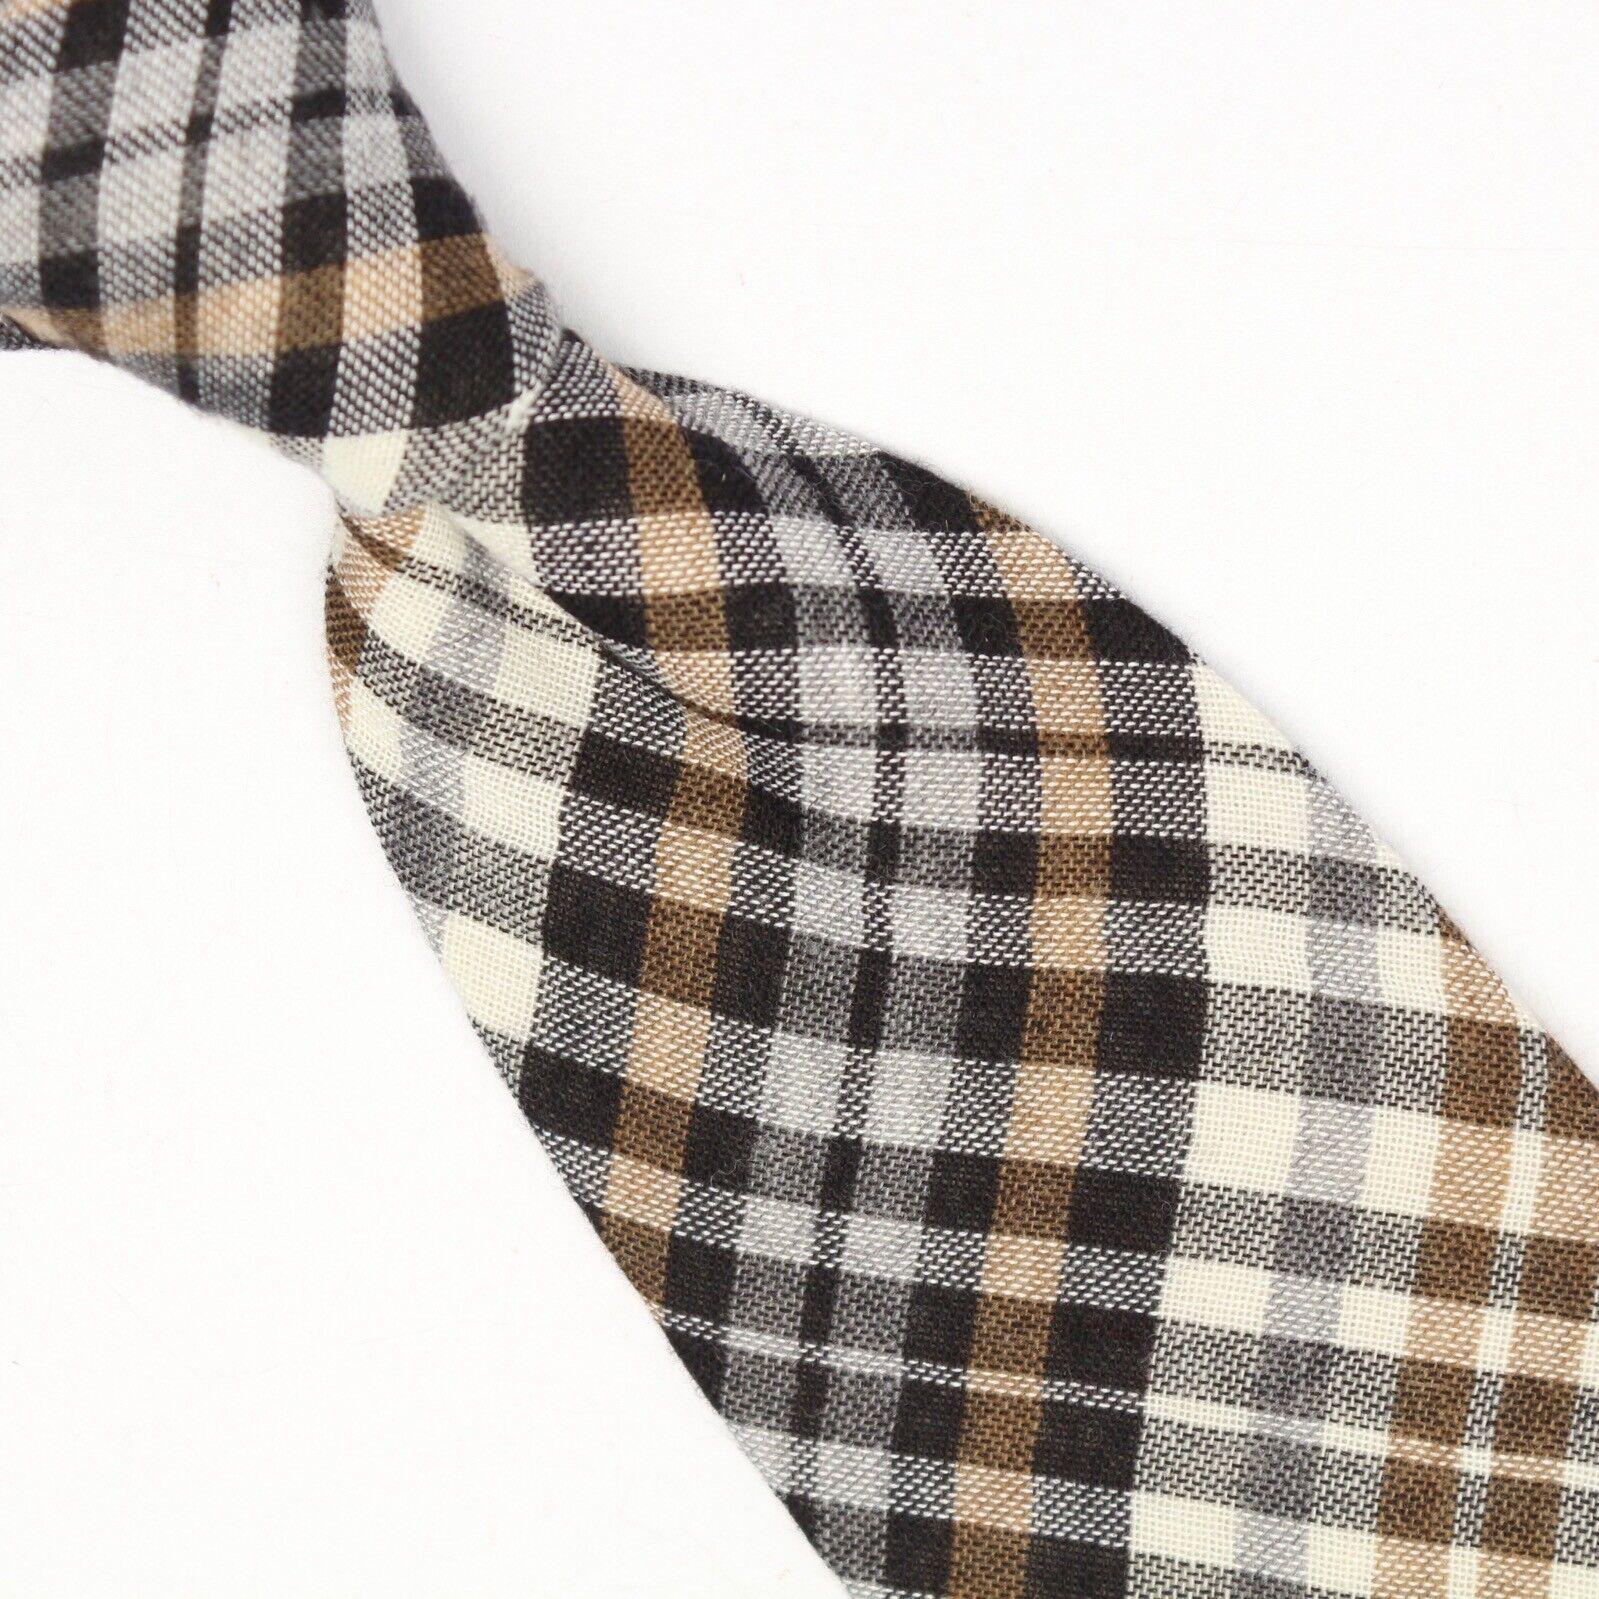 Gladson Herren Wolle Seide Krawatte Beige Brown Schwarz-Grau Kariert Gewebe Soft